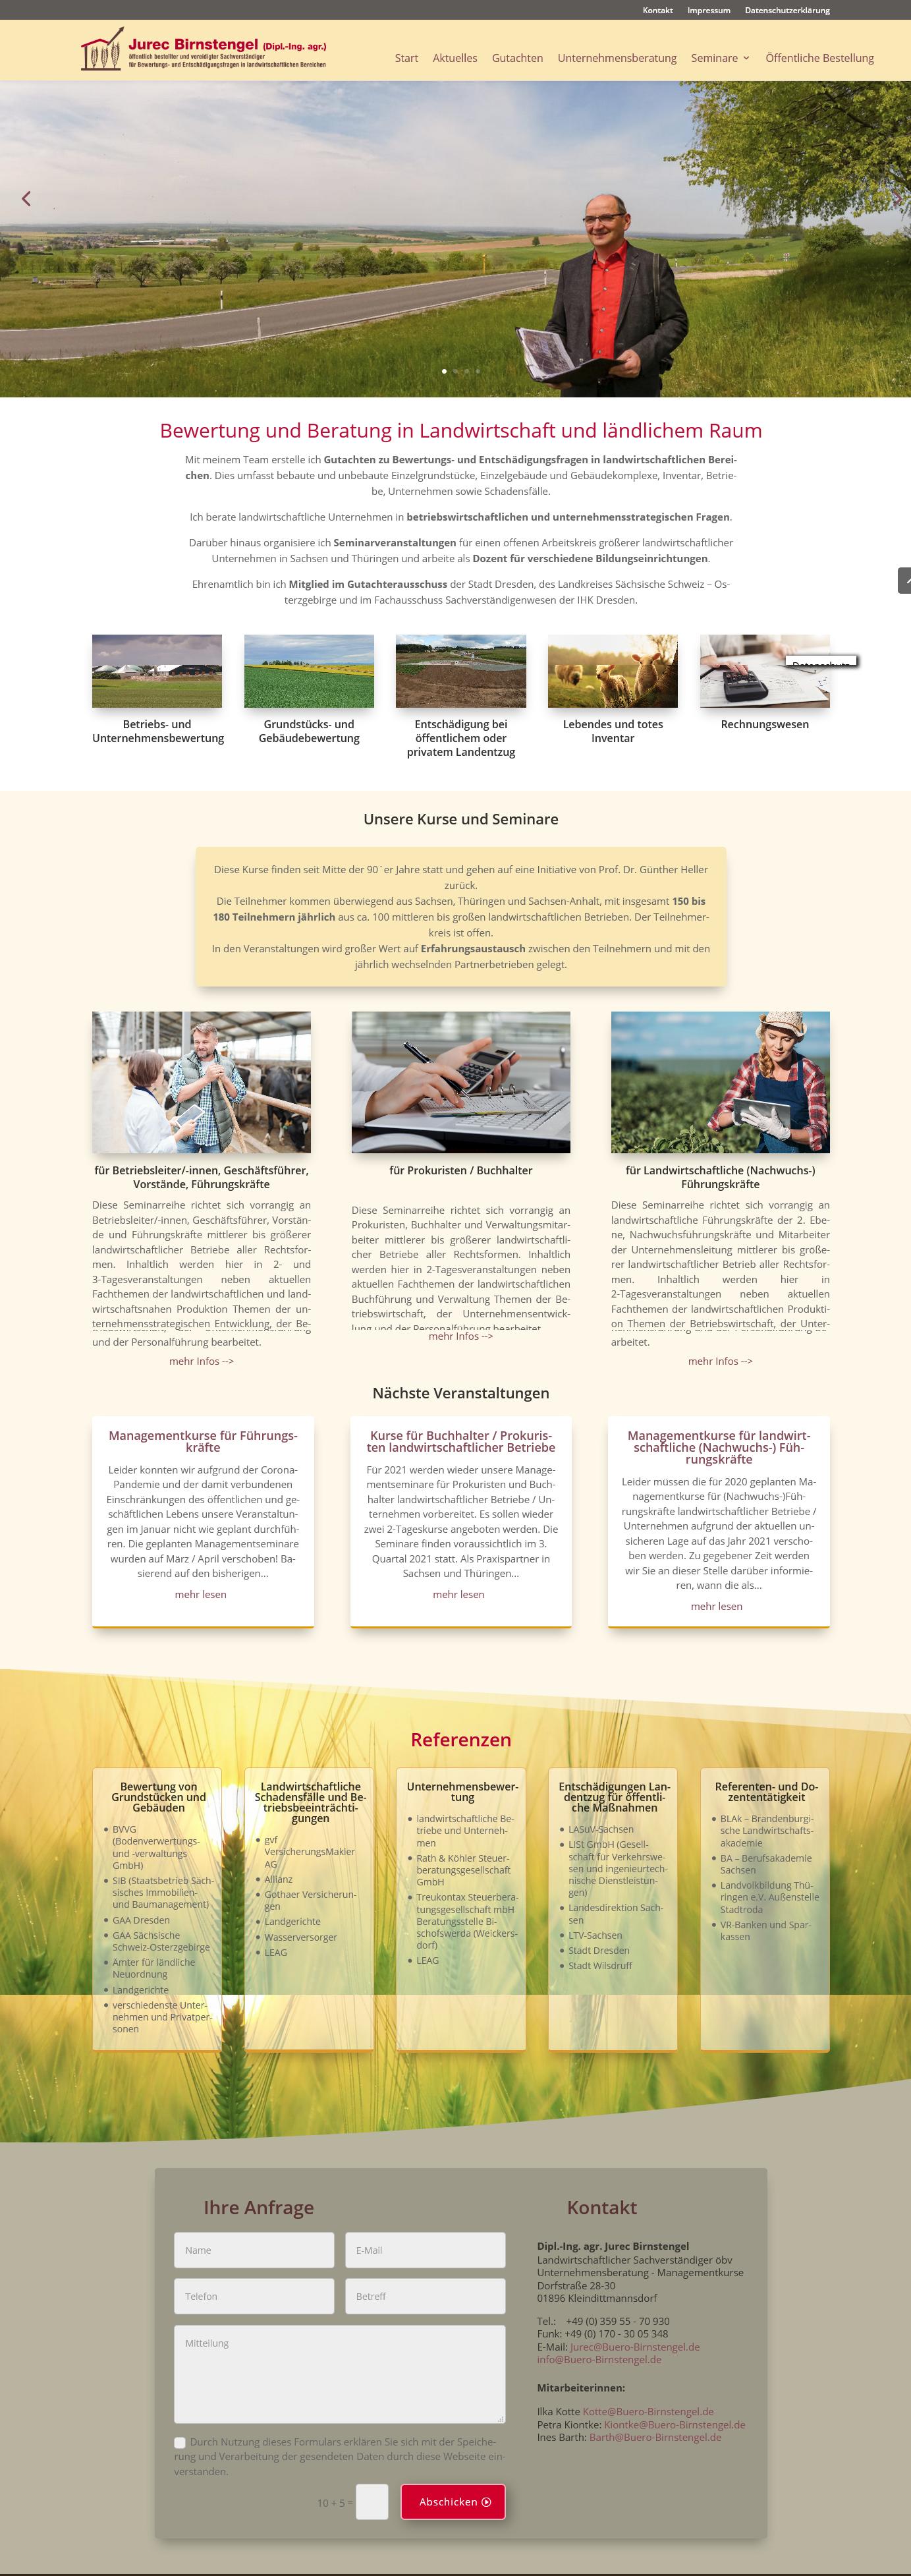 Jurec Birnstengel Landwirtschaftlicher Sachverständiger öbv Unternehmensberatung – Managementkurse